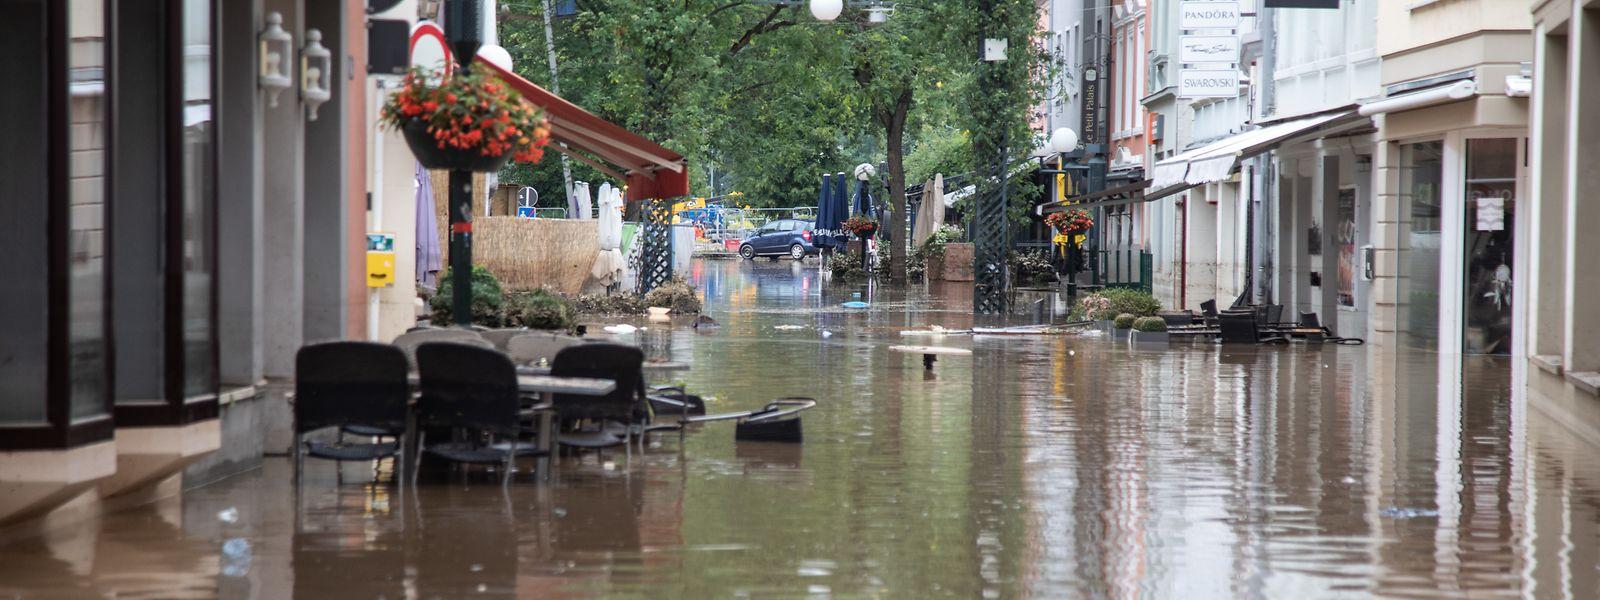 A Echternach, le niveau d'eau est monté au-dessus des dispositifs anti-crues, rapporte l'administration de la gestion de l'eau.